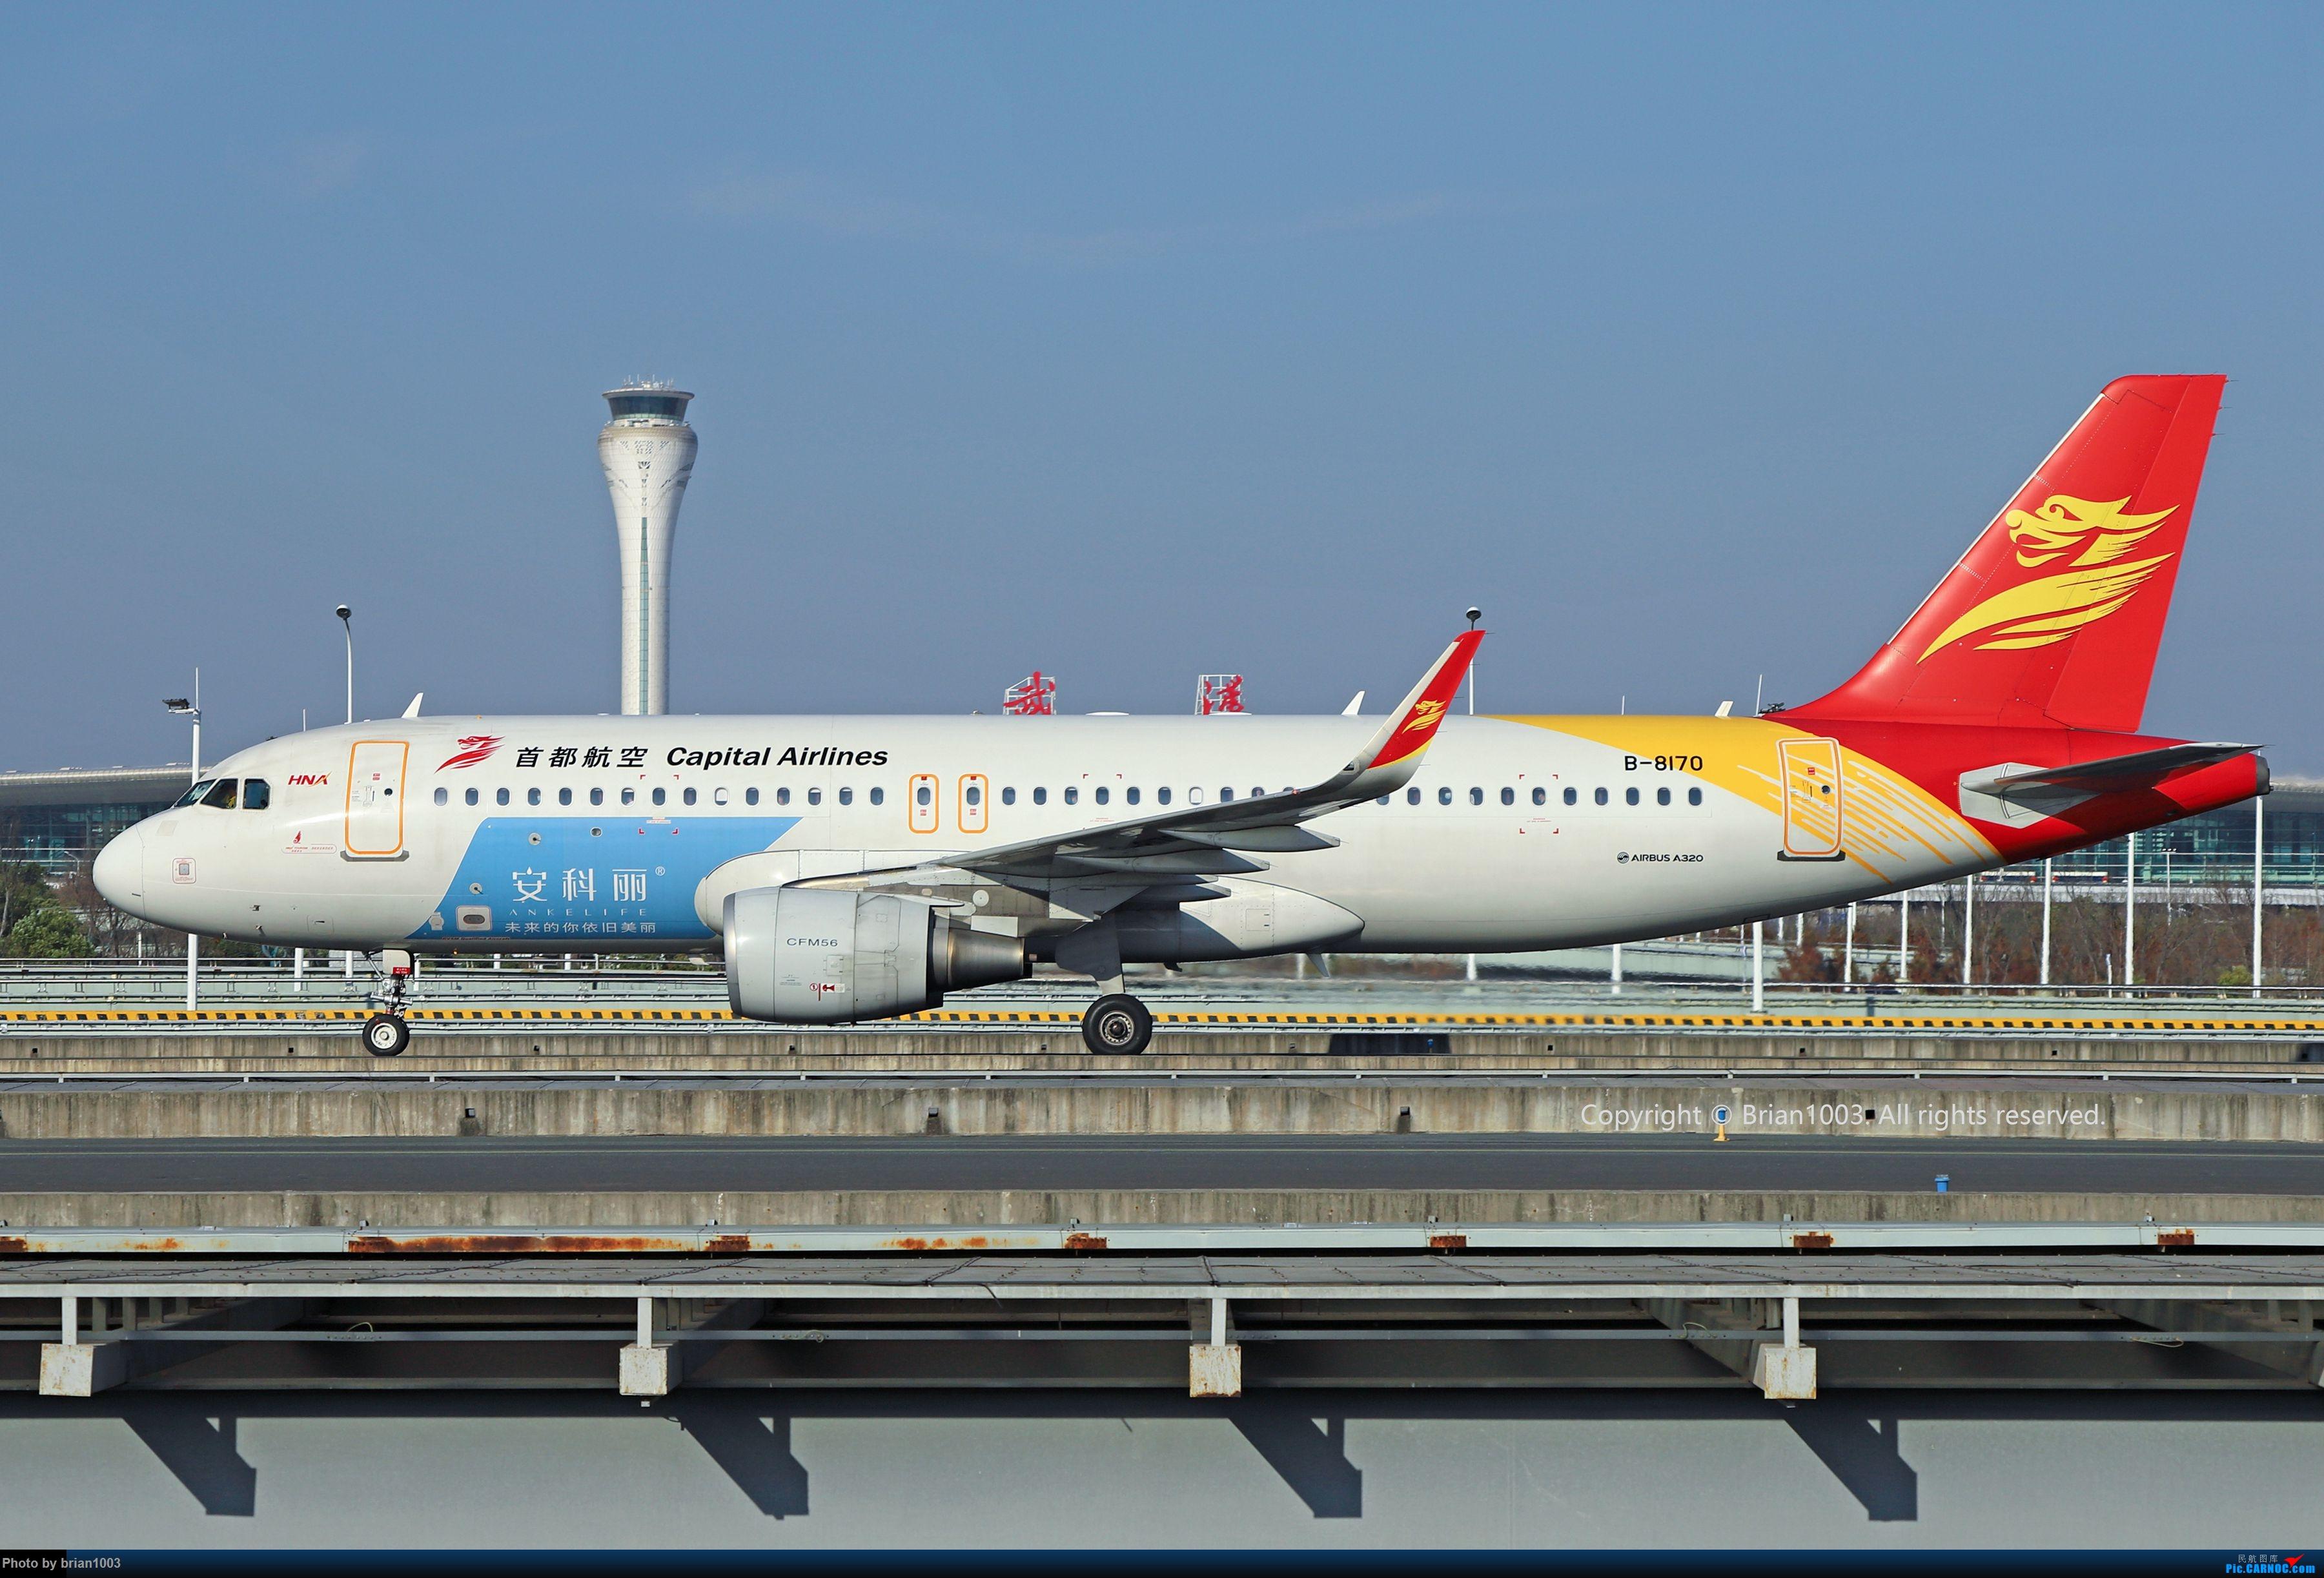 Re:[原创]WUH天河机场2021年拍机之二月 AIRBUS A320-200 B-8170 中国武汉天河国际机场